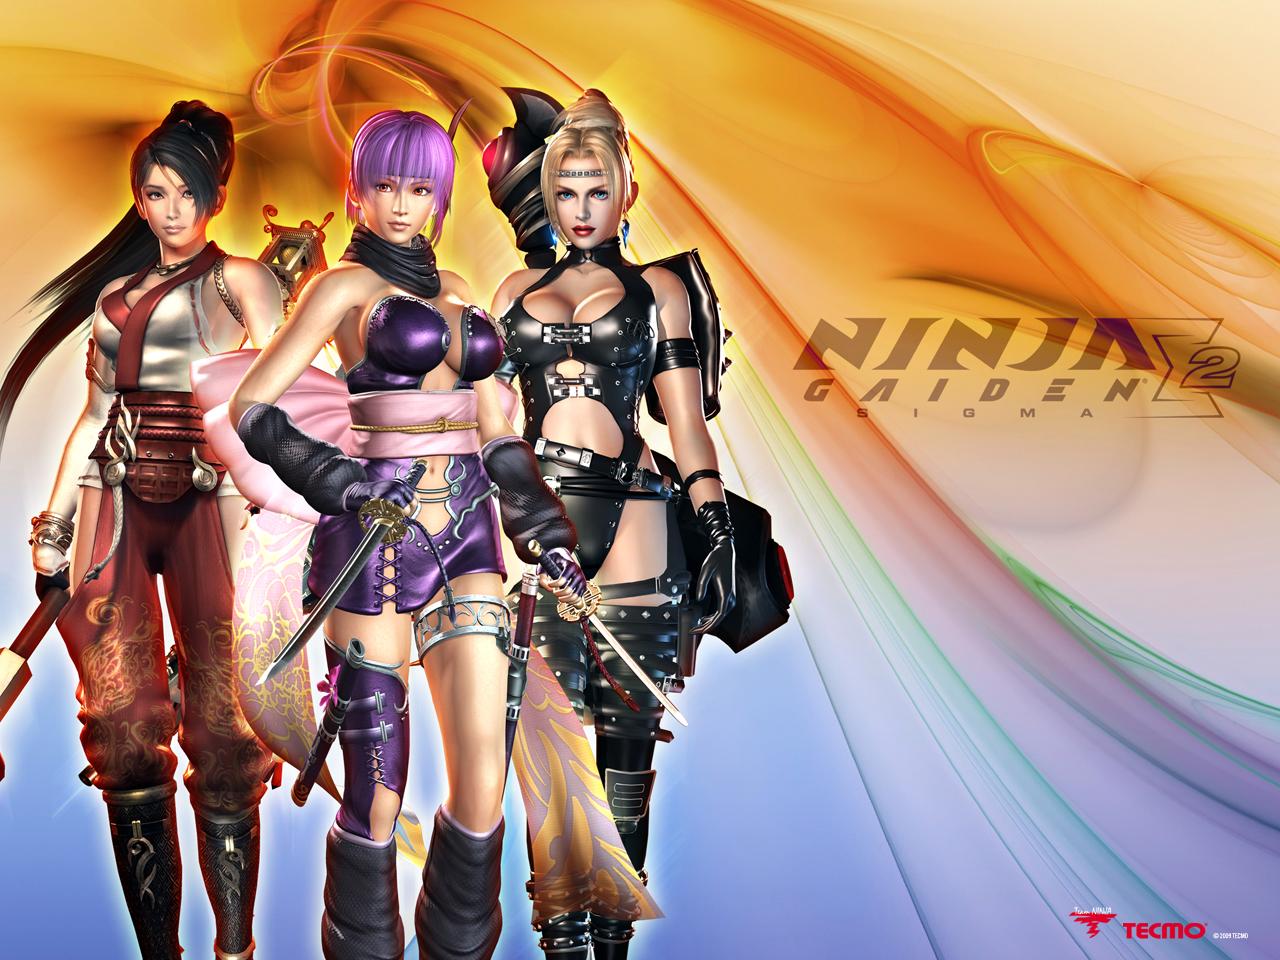 Game Ninja Gaiden Wallpaper: Ninja Gaiden Sigma 2 Wallpaper